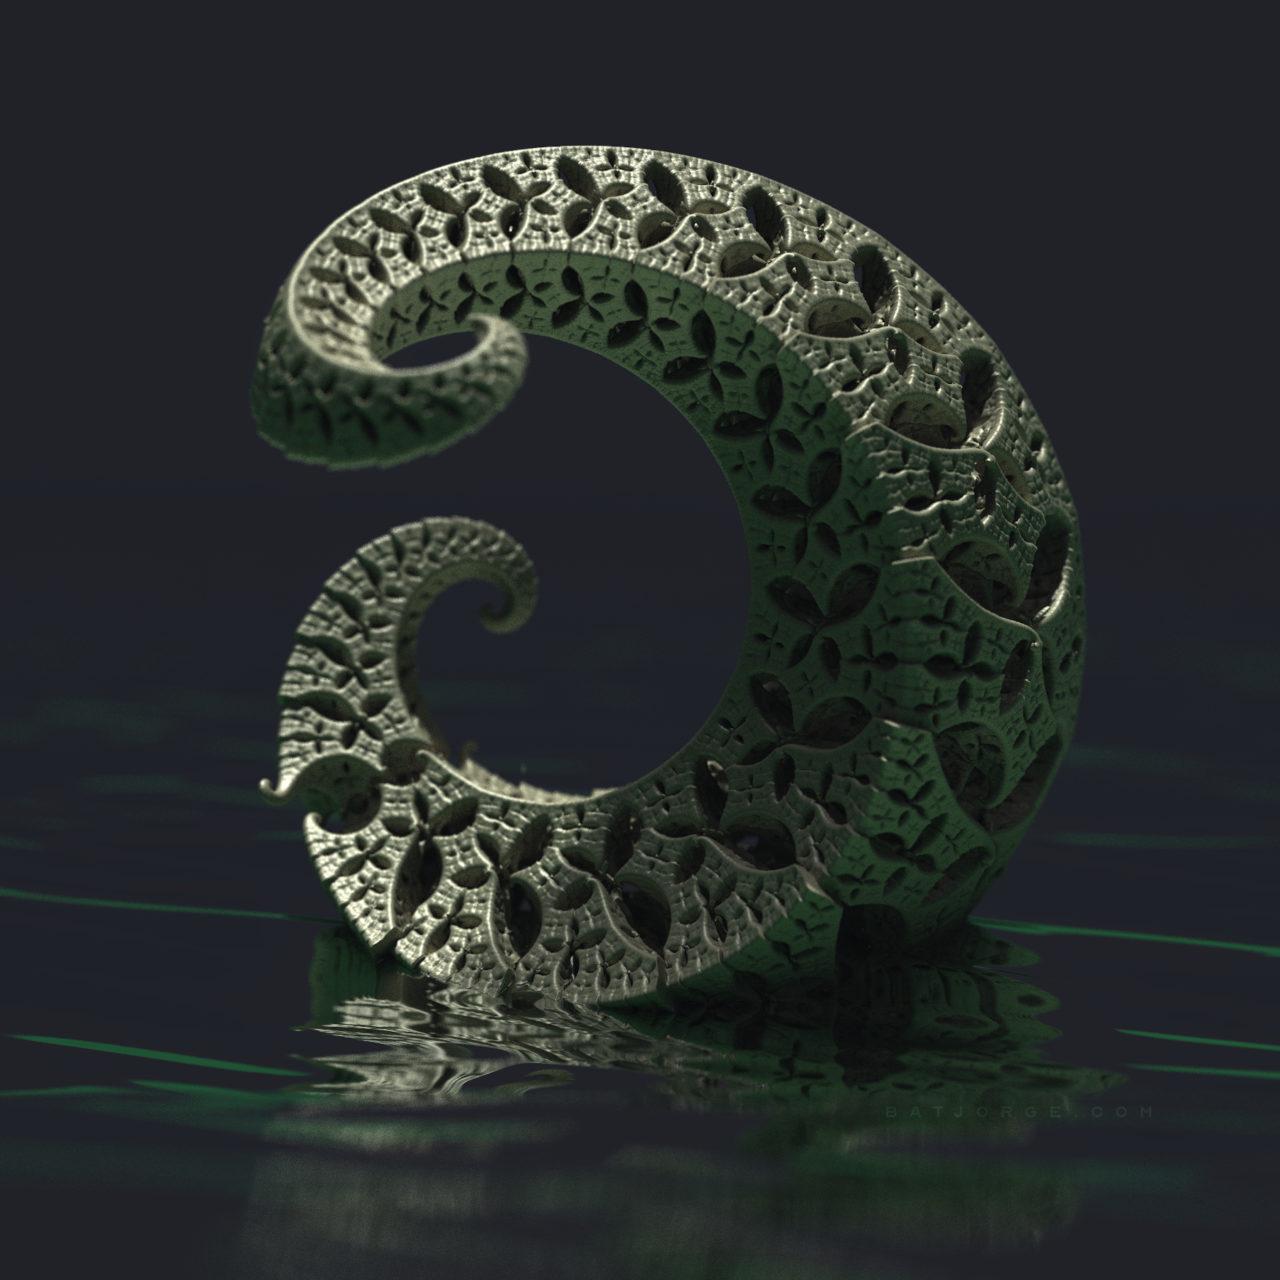 3d fractal. kleinian. mandelbulber water